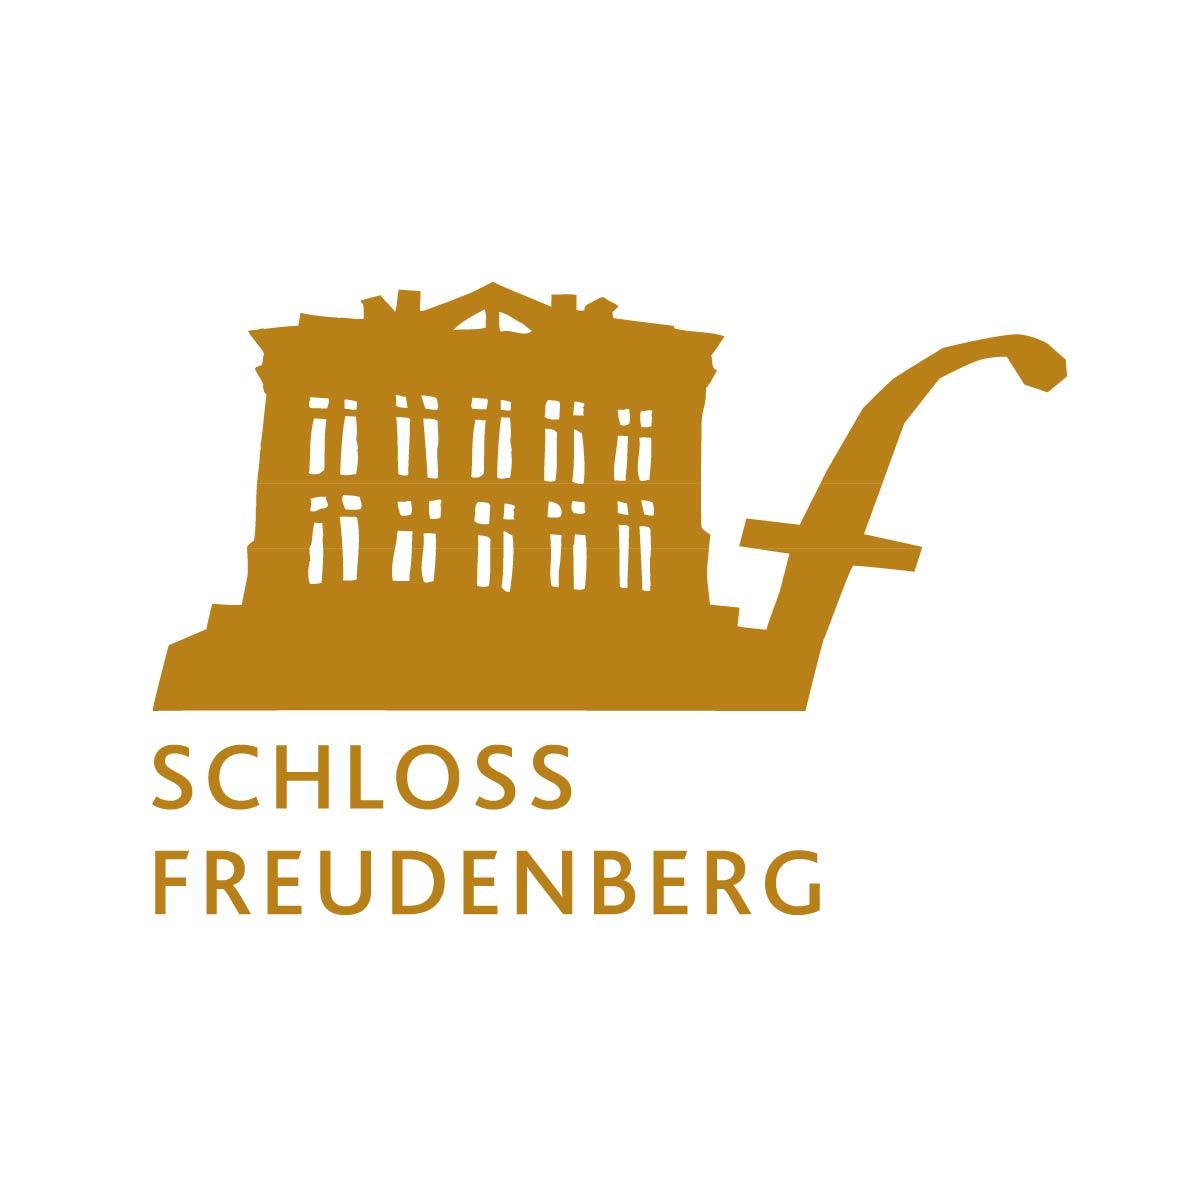 Wort-Bild-Marke Signet Schloss Freudenberg Erfahrungsfeld